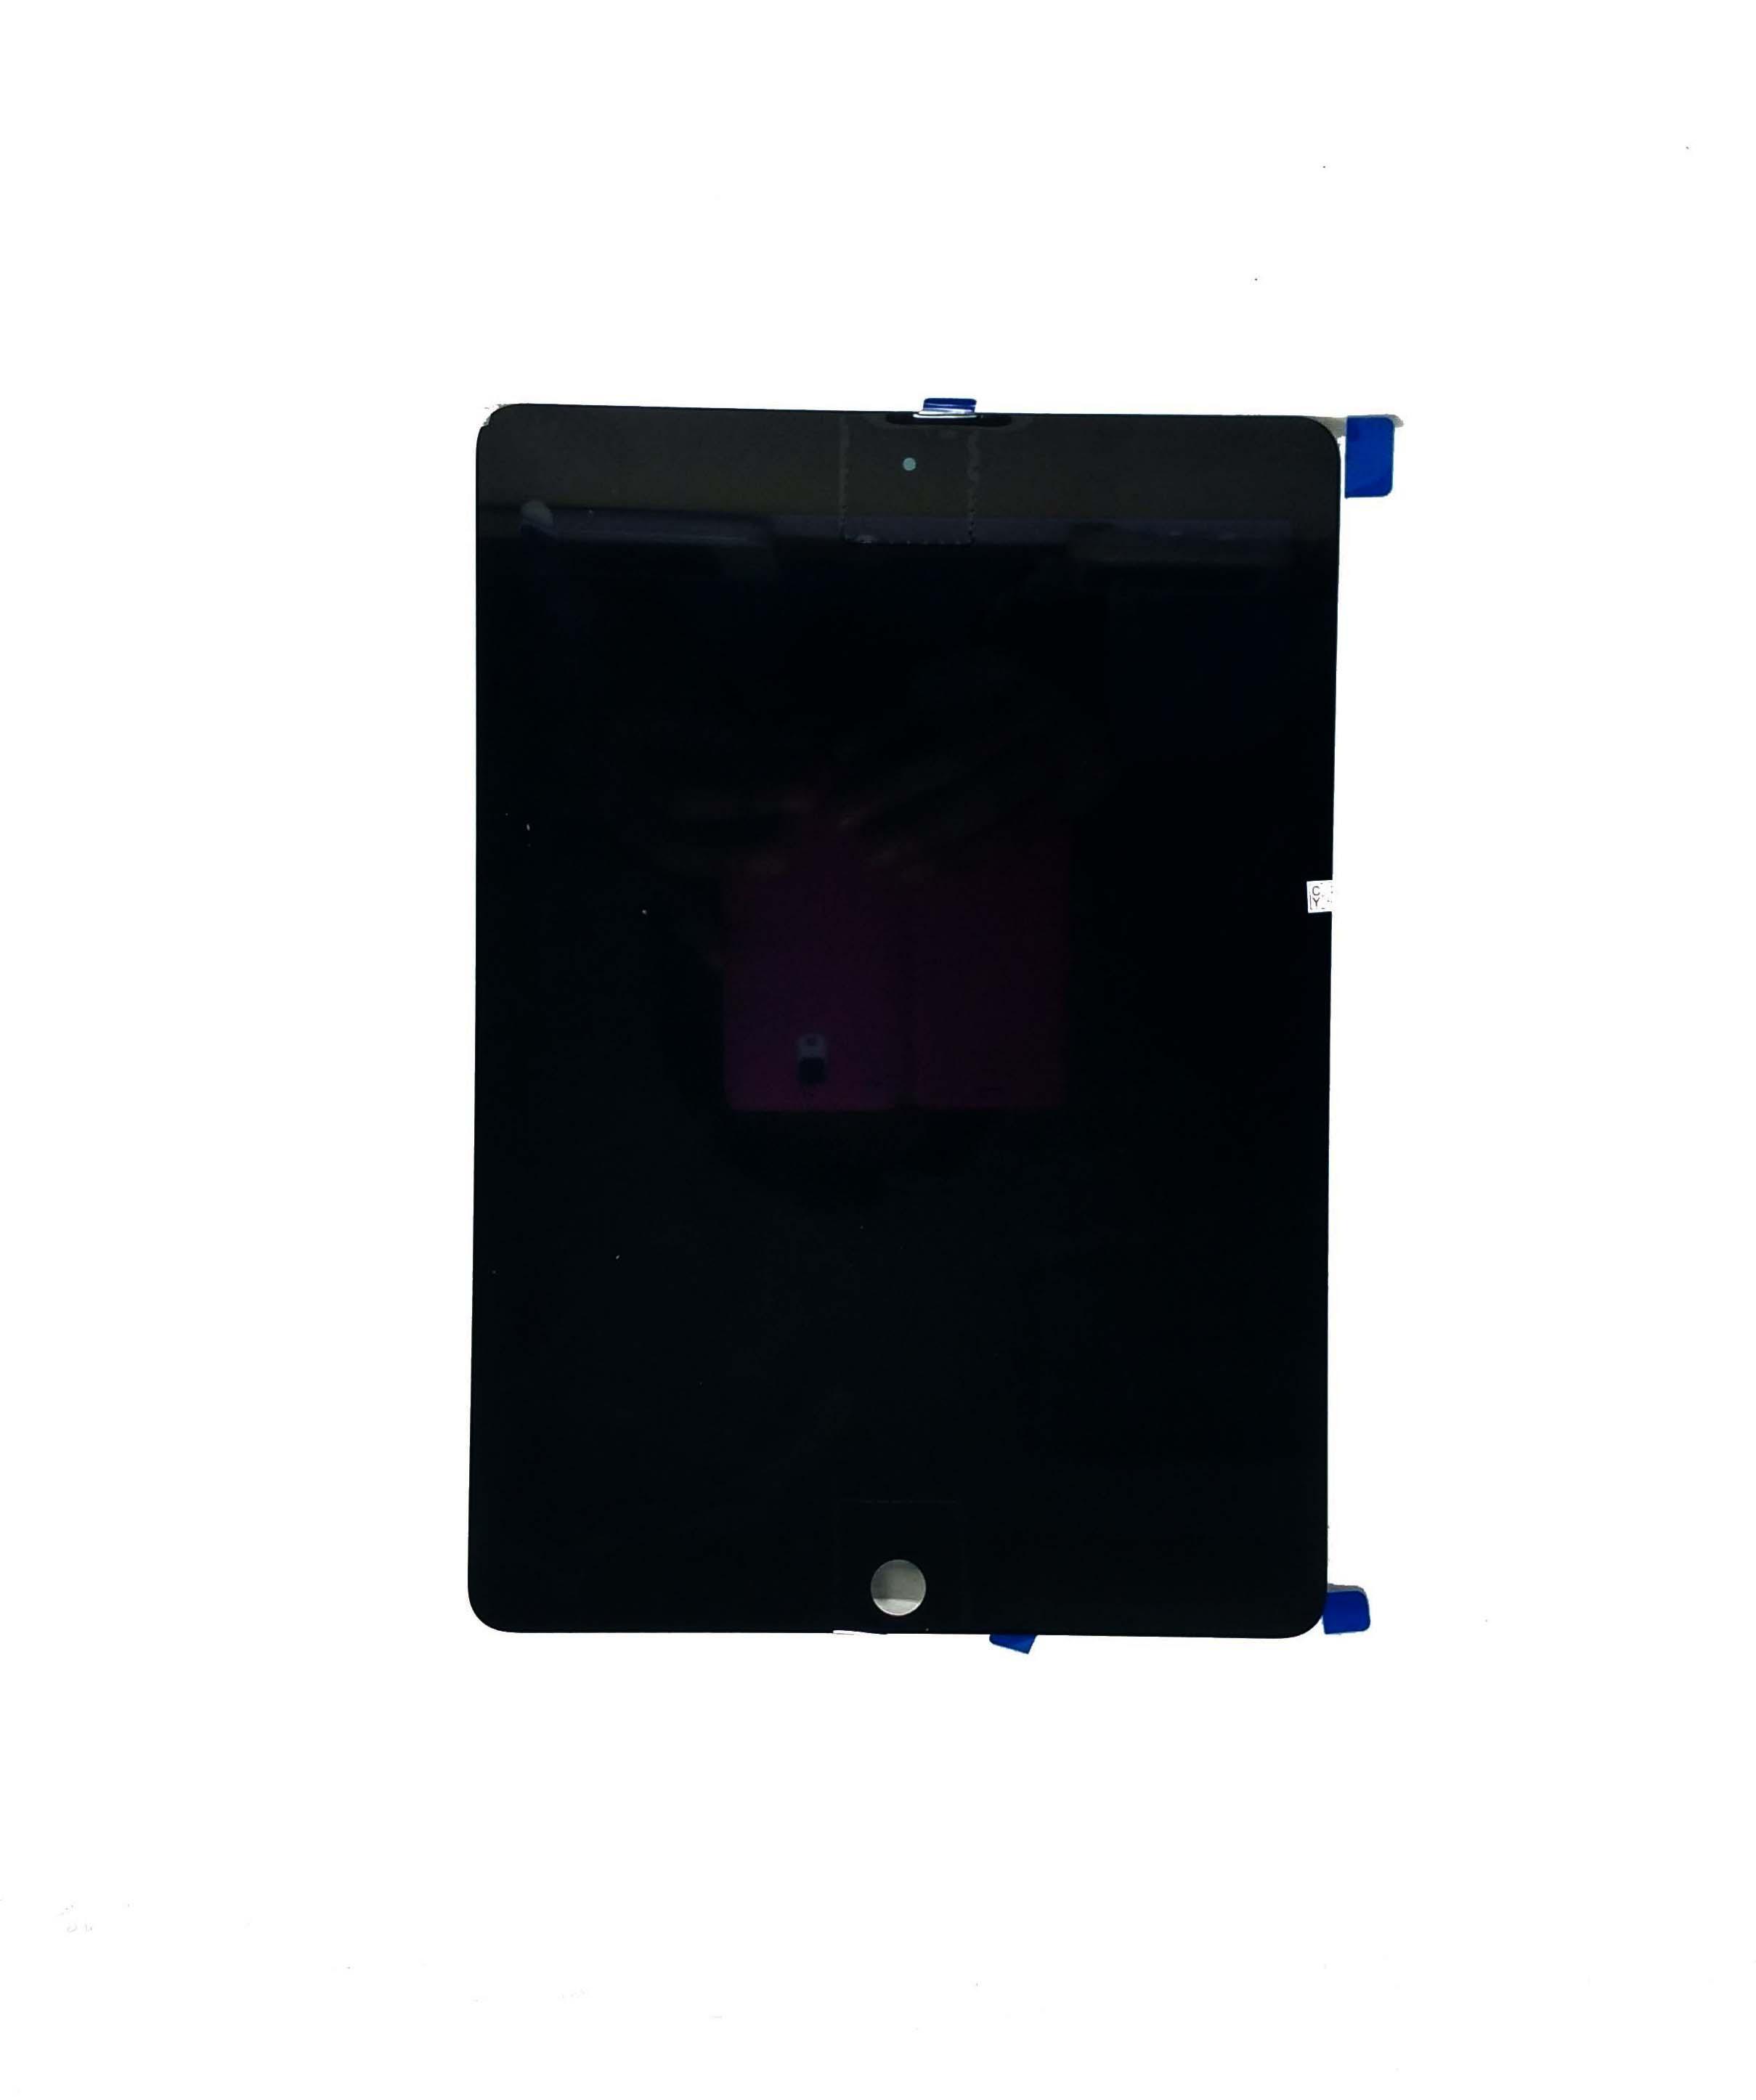 เปลี่ยนจอ iPad Air 2 หน้าจอแตก กระจกหน้าจอแตก ทัสกรีนกดไม่ได้